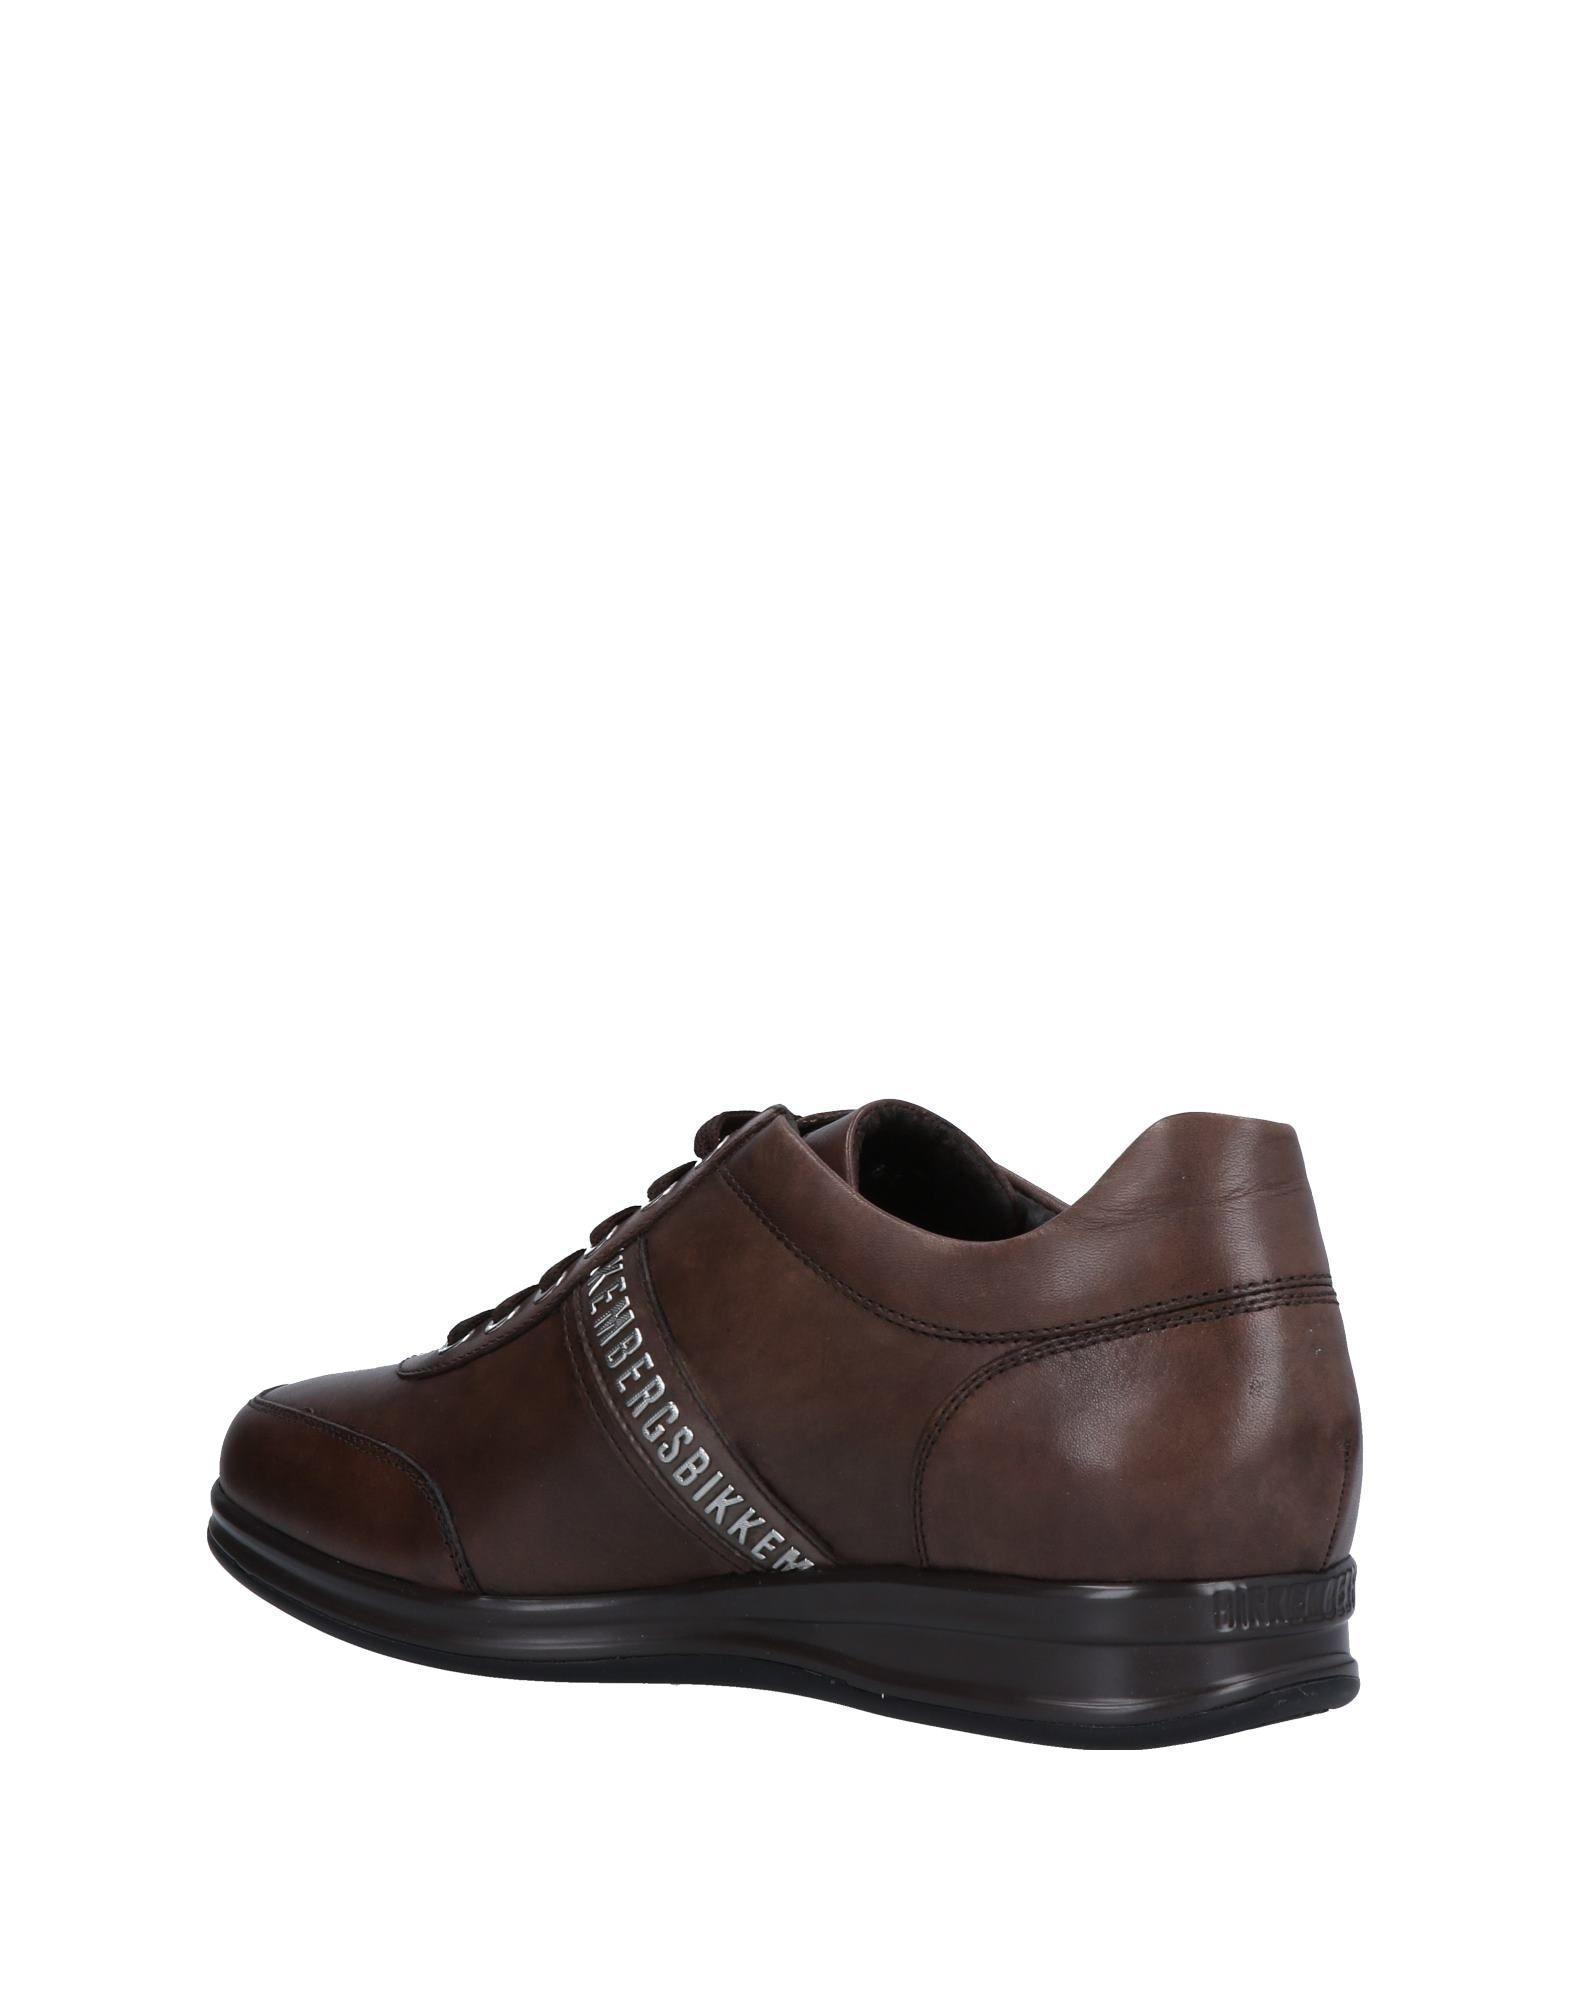 Bikkembergs Sneakers Herren Herren Herren  11522140QA 867dab